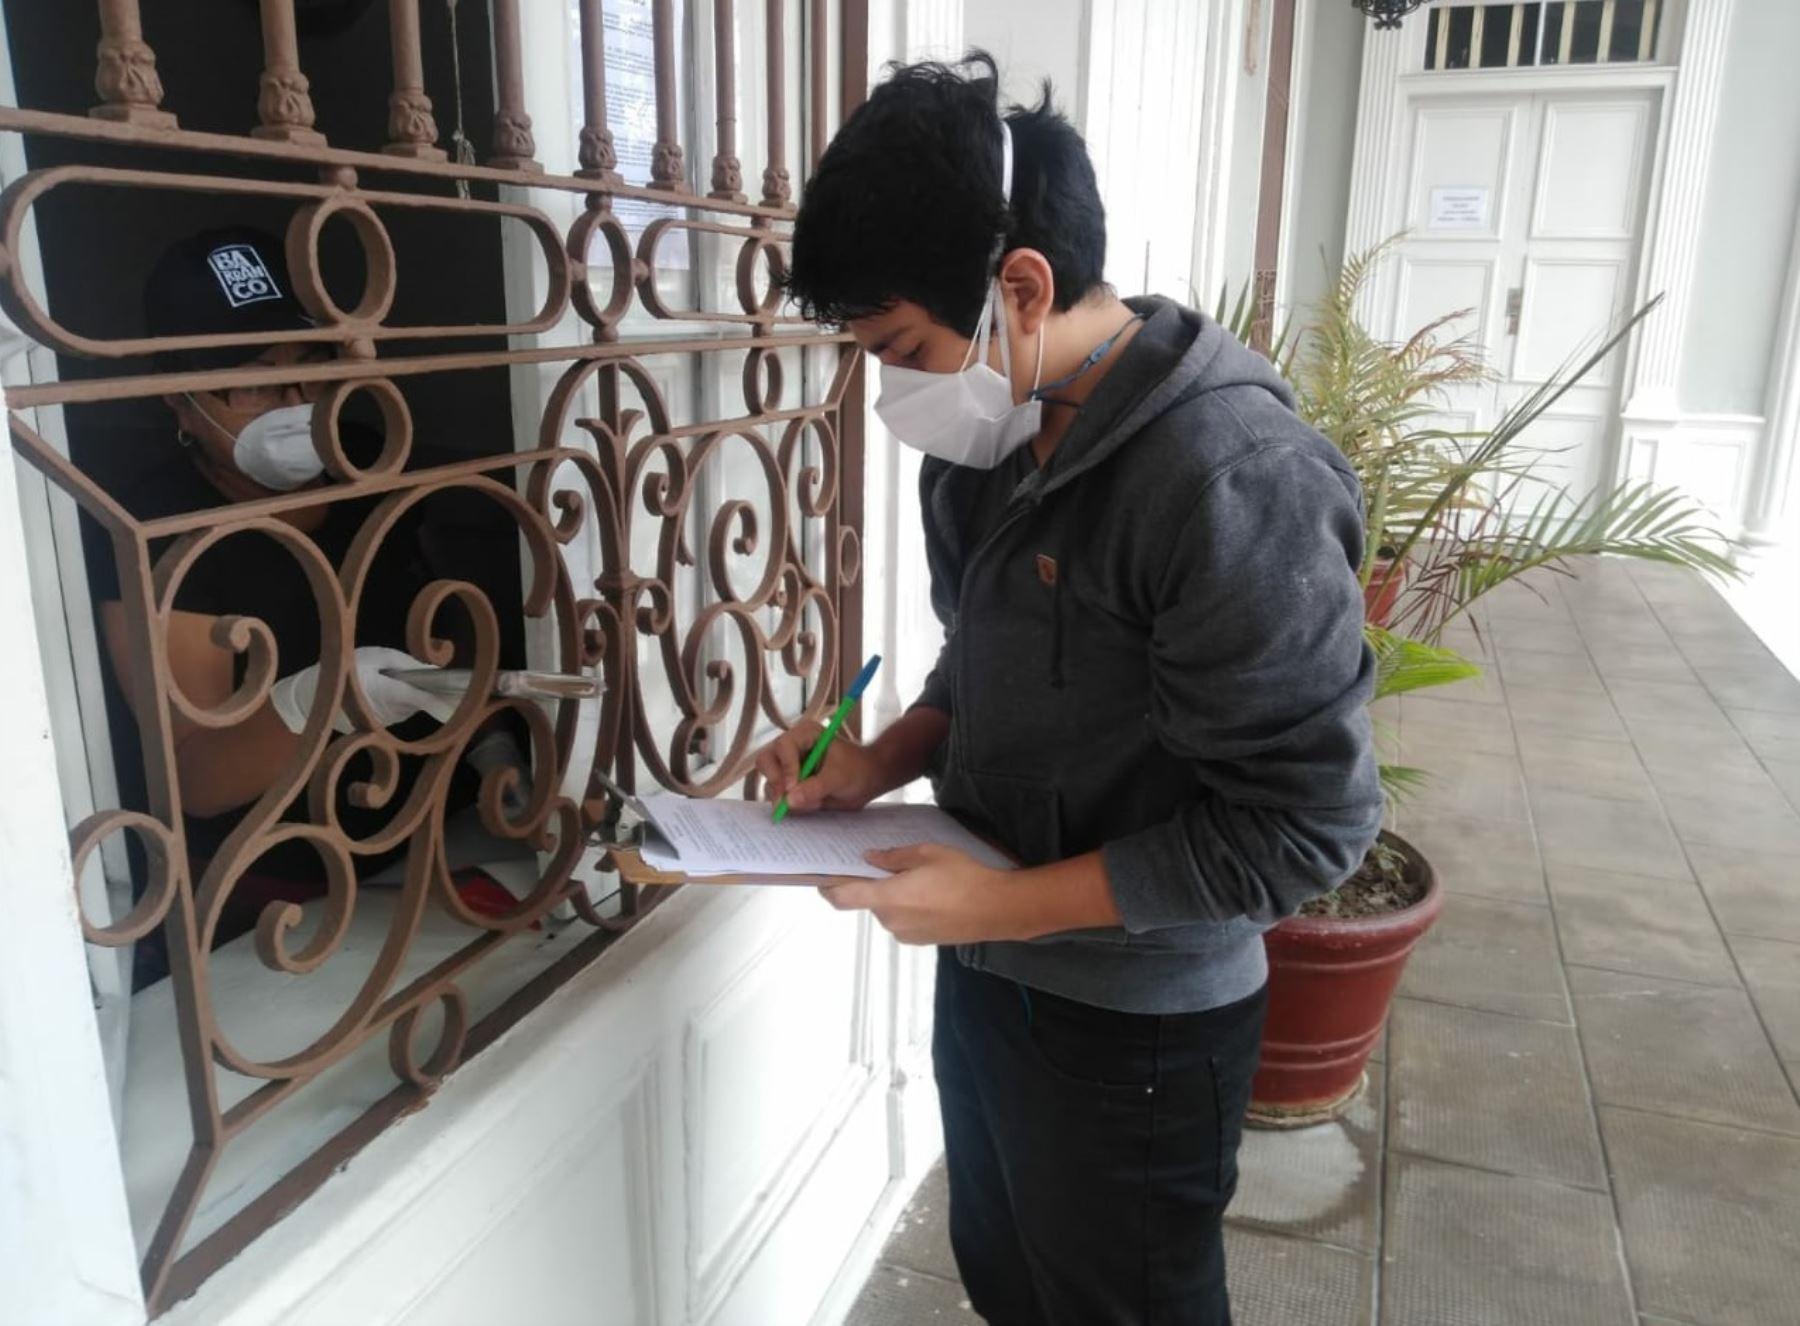 Niños y jóvenes, previo registro, pueden solicitar libros para llevar a casa en el distrito de Barranco.